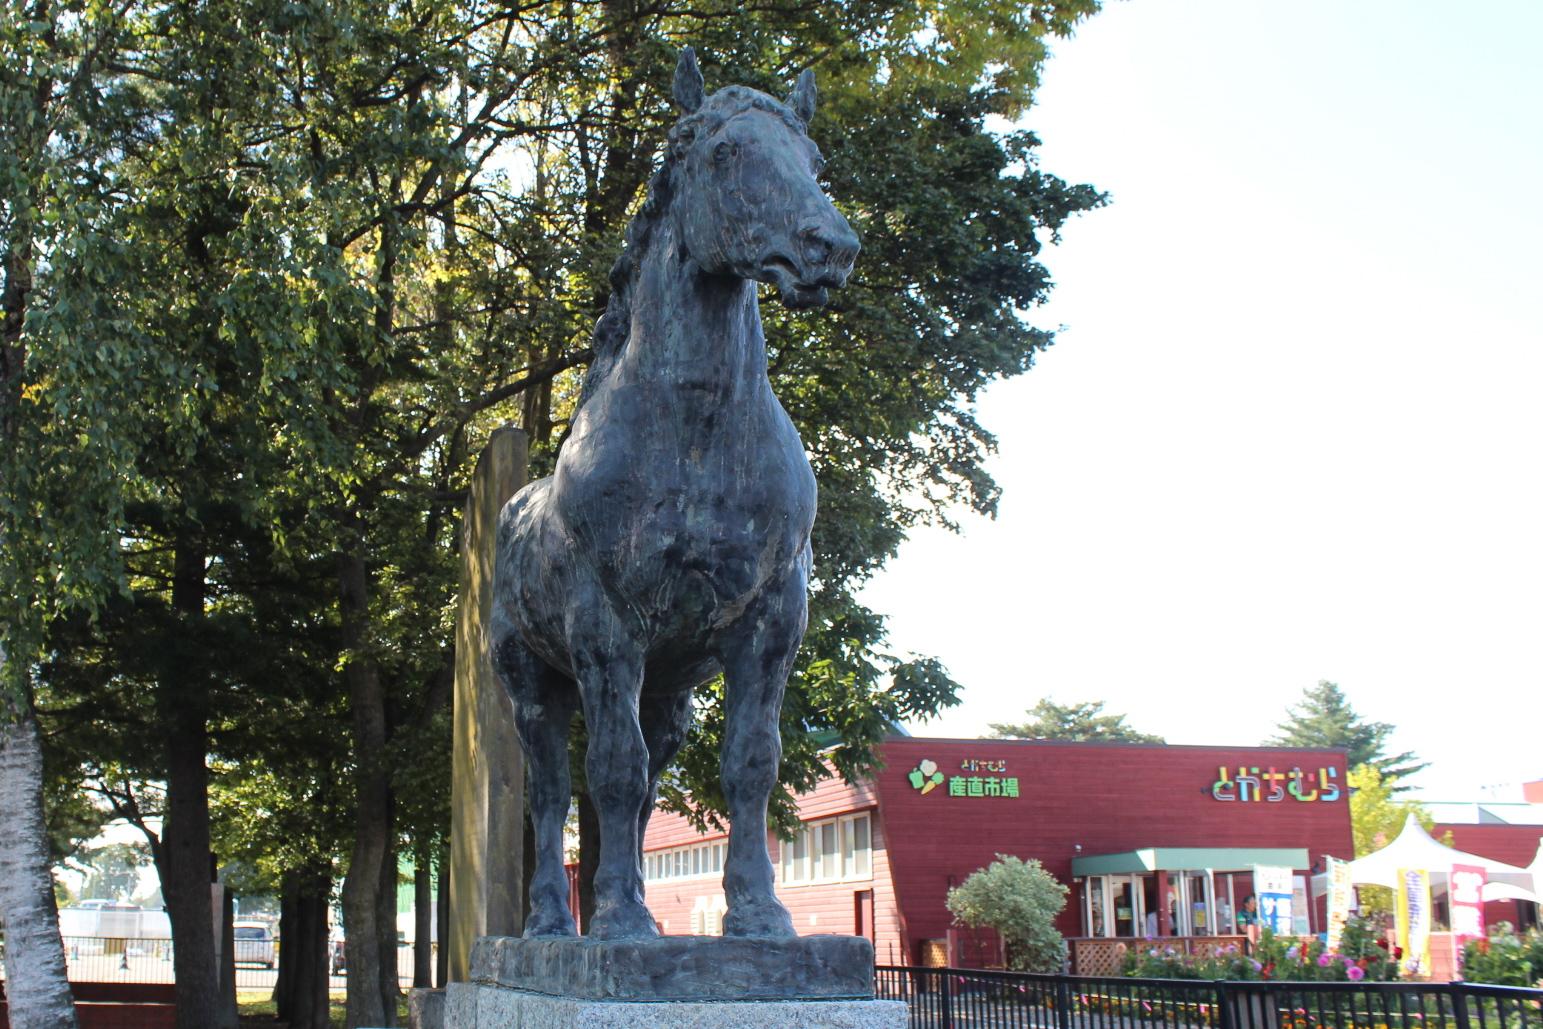 帯広のばんえい競馬場前の馬の像